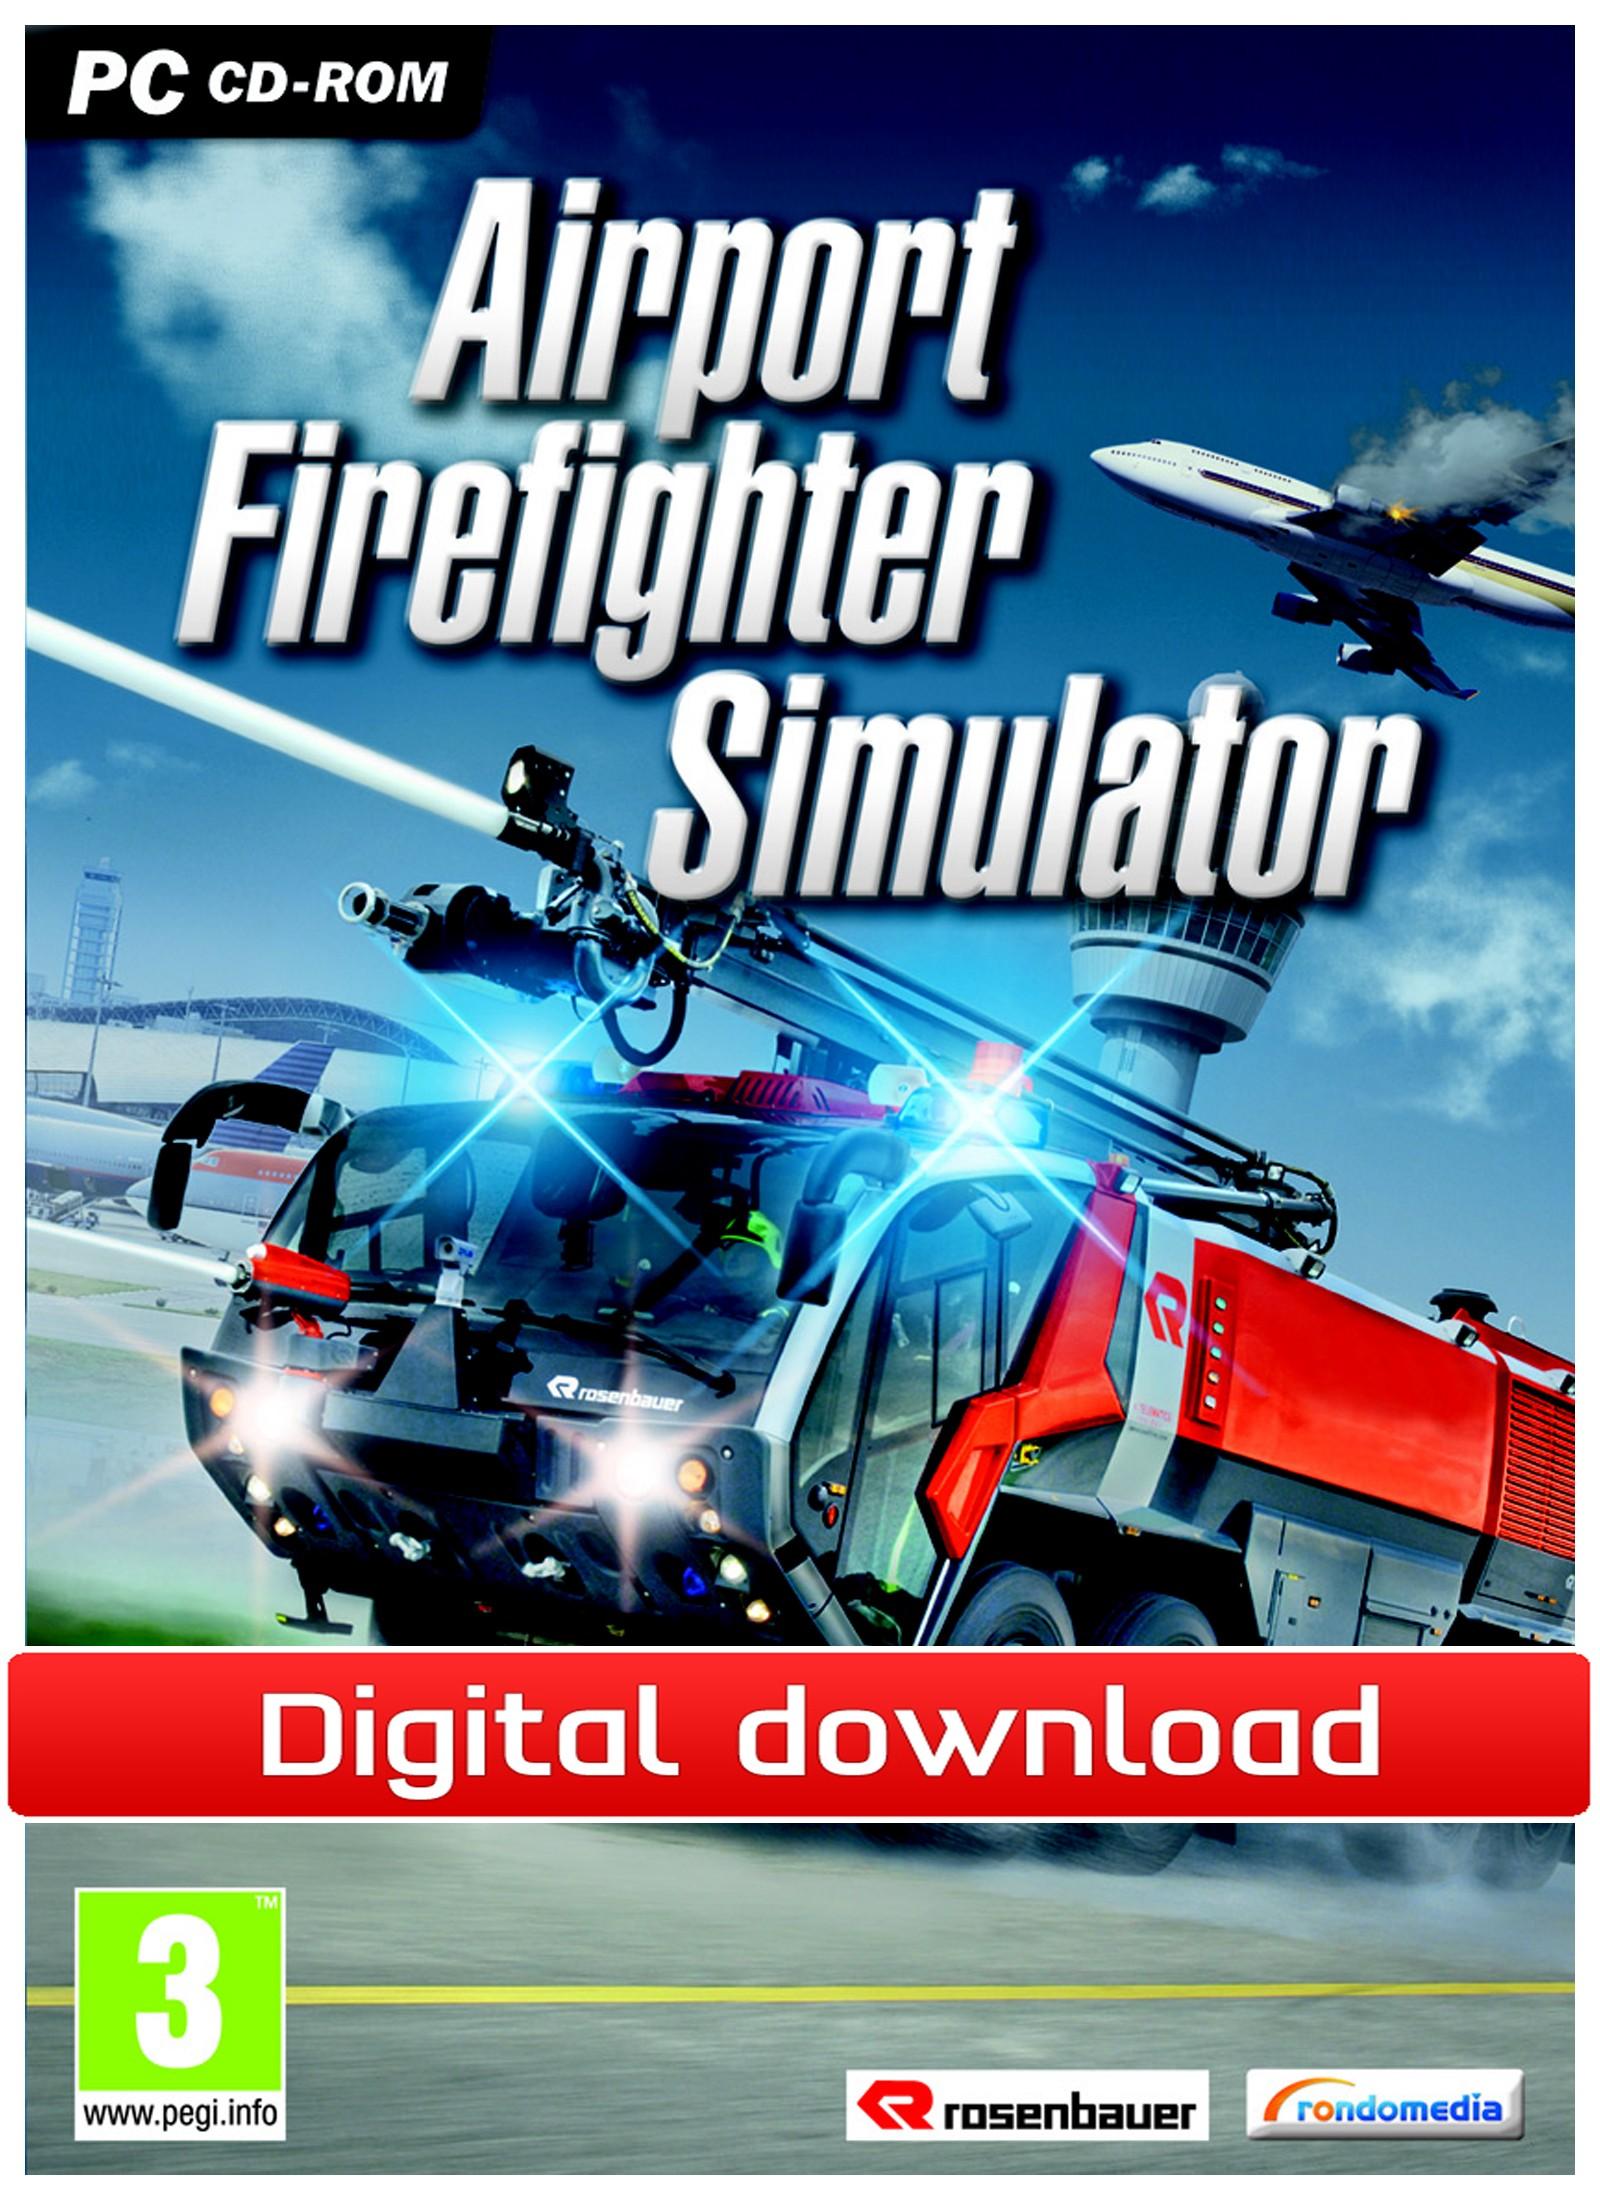 Airport Firefighter Simulator (PC nedlastning) PCDD32177